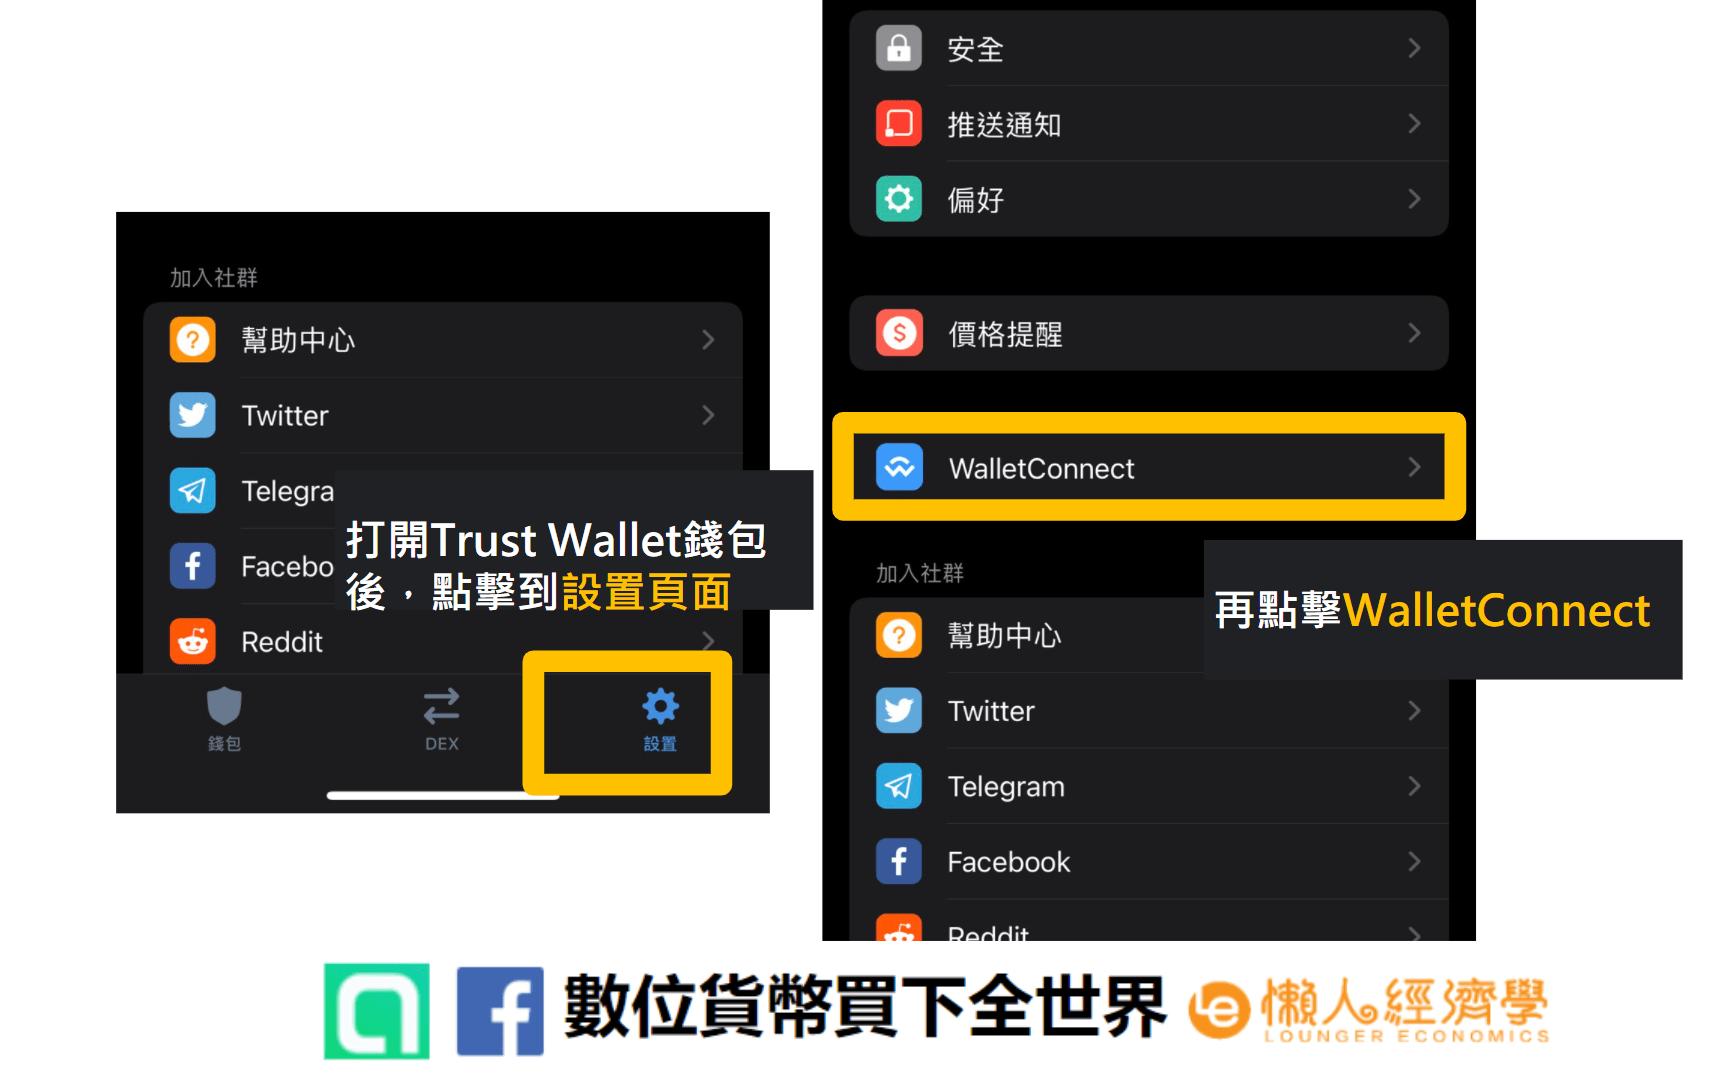 Rarible nft註冊教學:打開TrustWallet錢包連接畫面